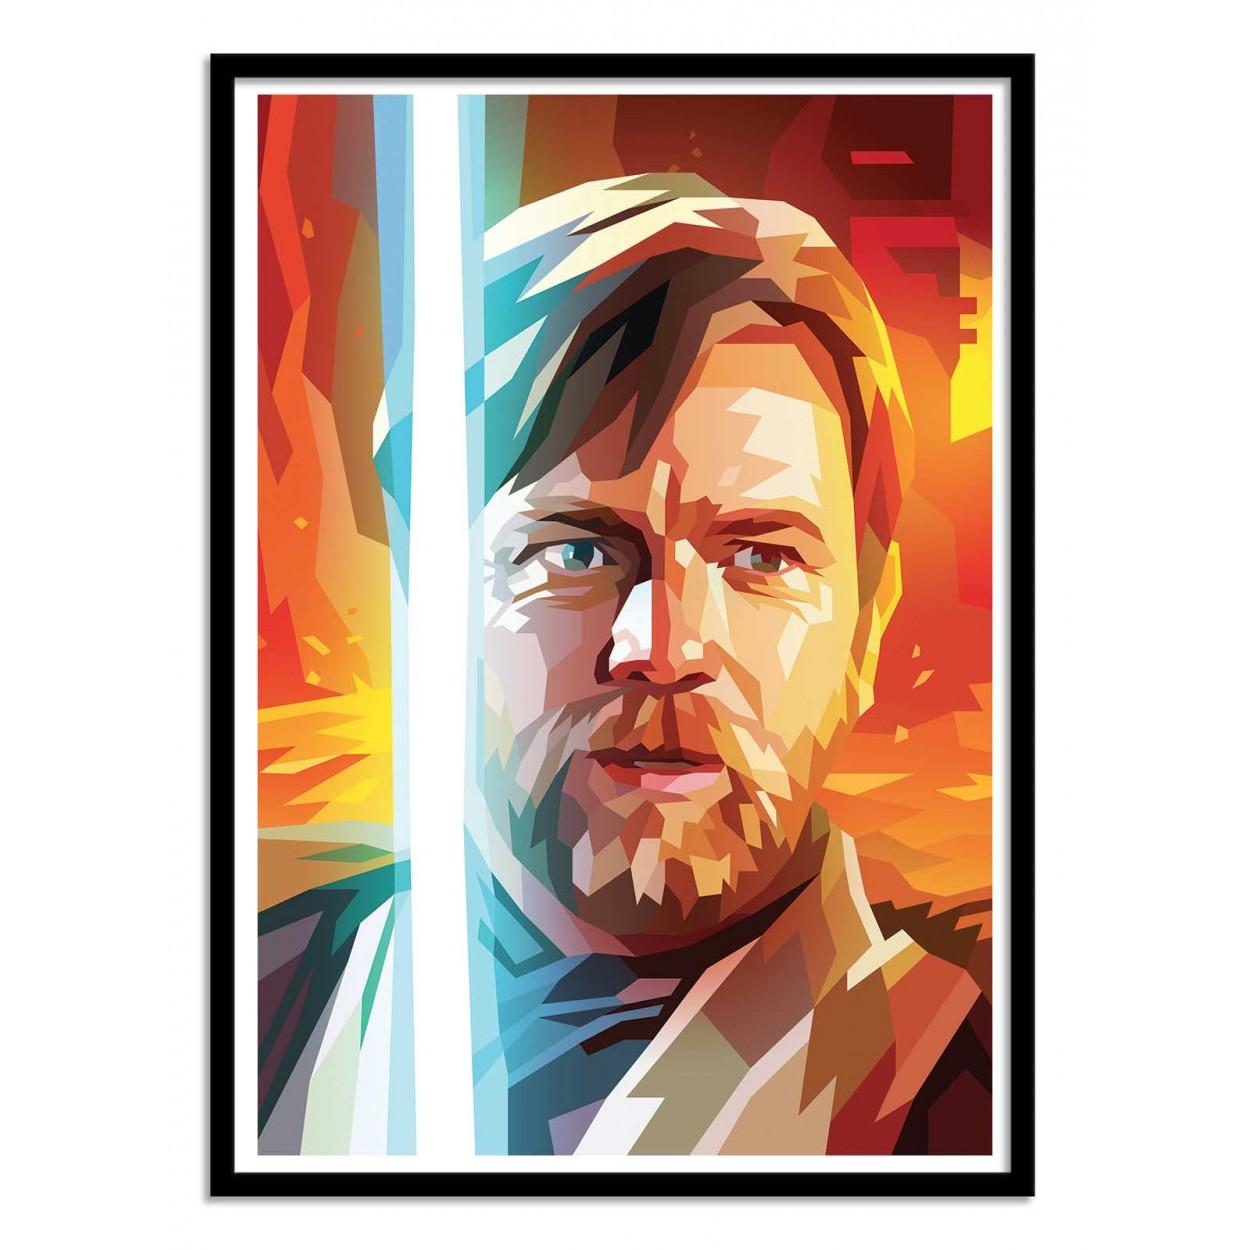 Illustration Art Poster Frame Print Of Star Wars Obi Wan Kenobi